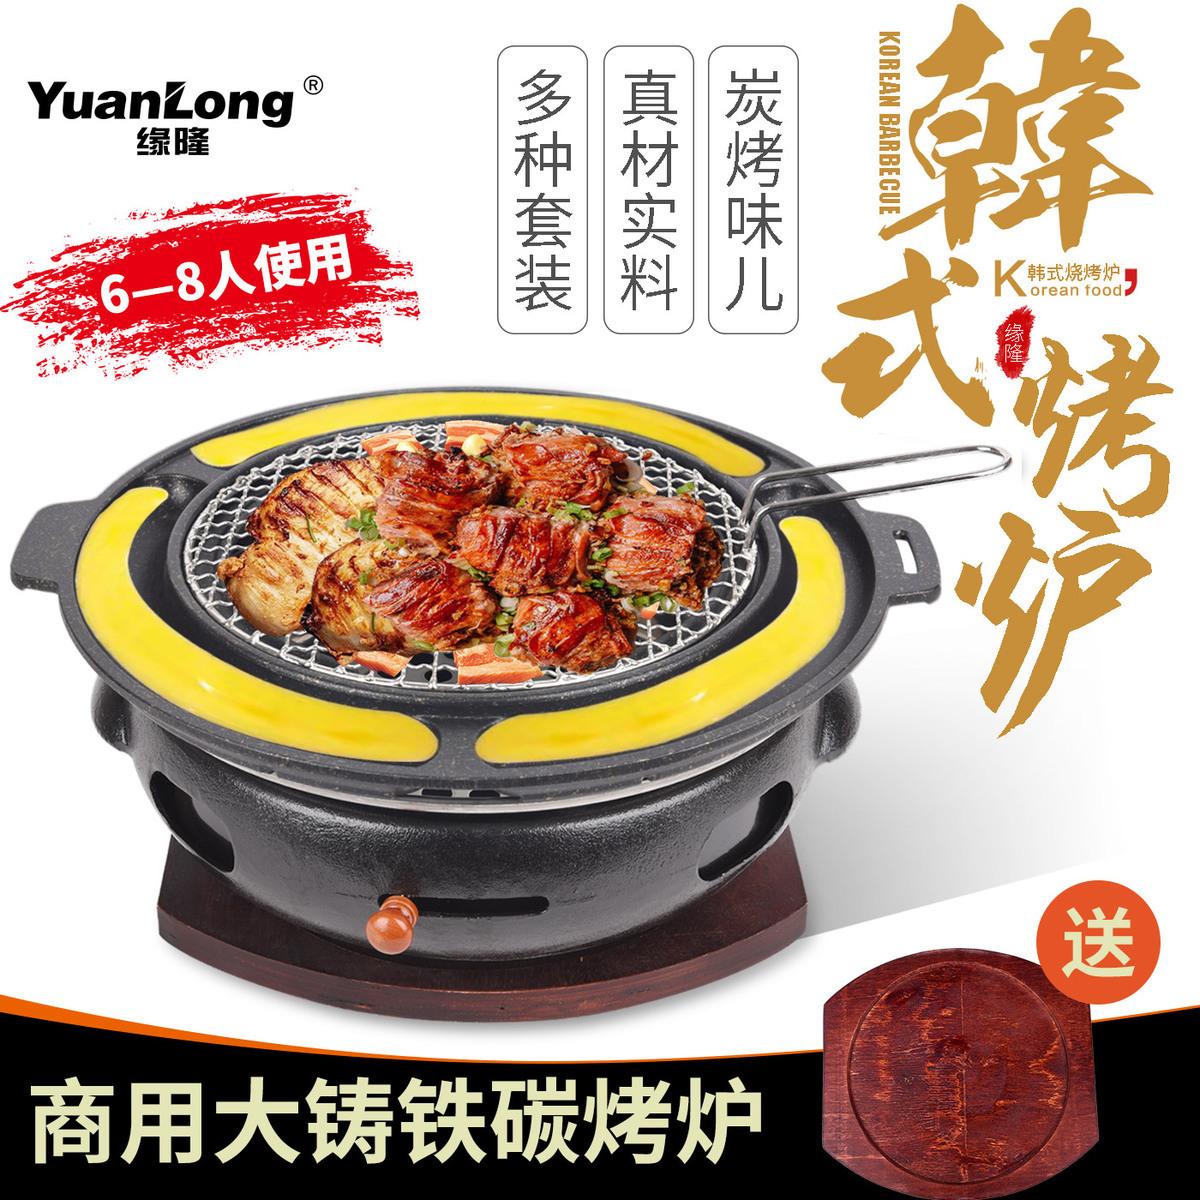 韓式鑄鐵木炭火燒烤爐子韓國烤肉爐具圓形上排煙碳烤鍋商用燒烤盤